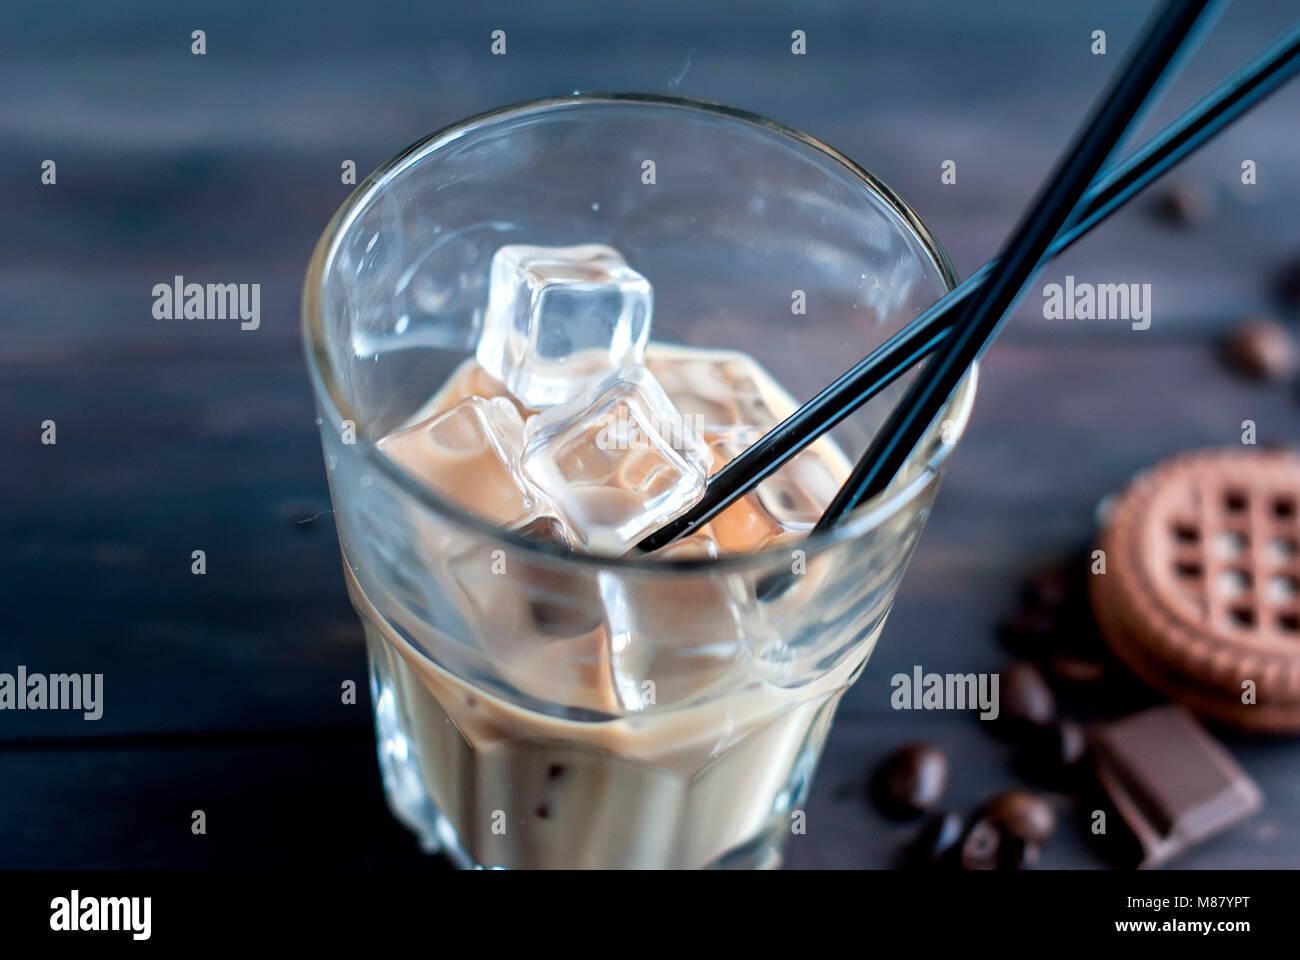 Café avec de la glace dans un verre, le lait versé dans un verre de la glace pilée, morceaux de chocolat Photo Stock